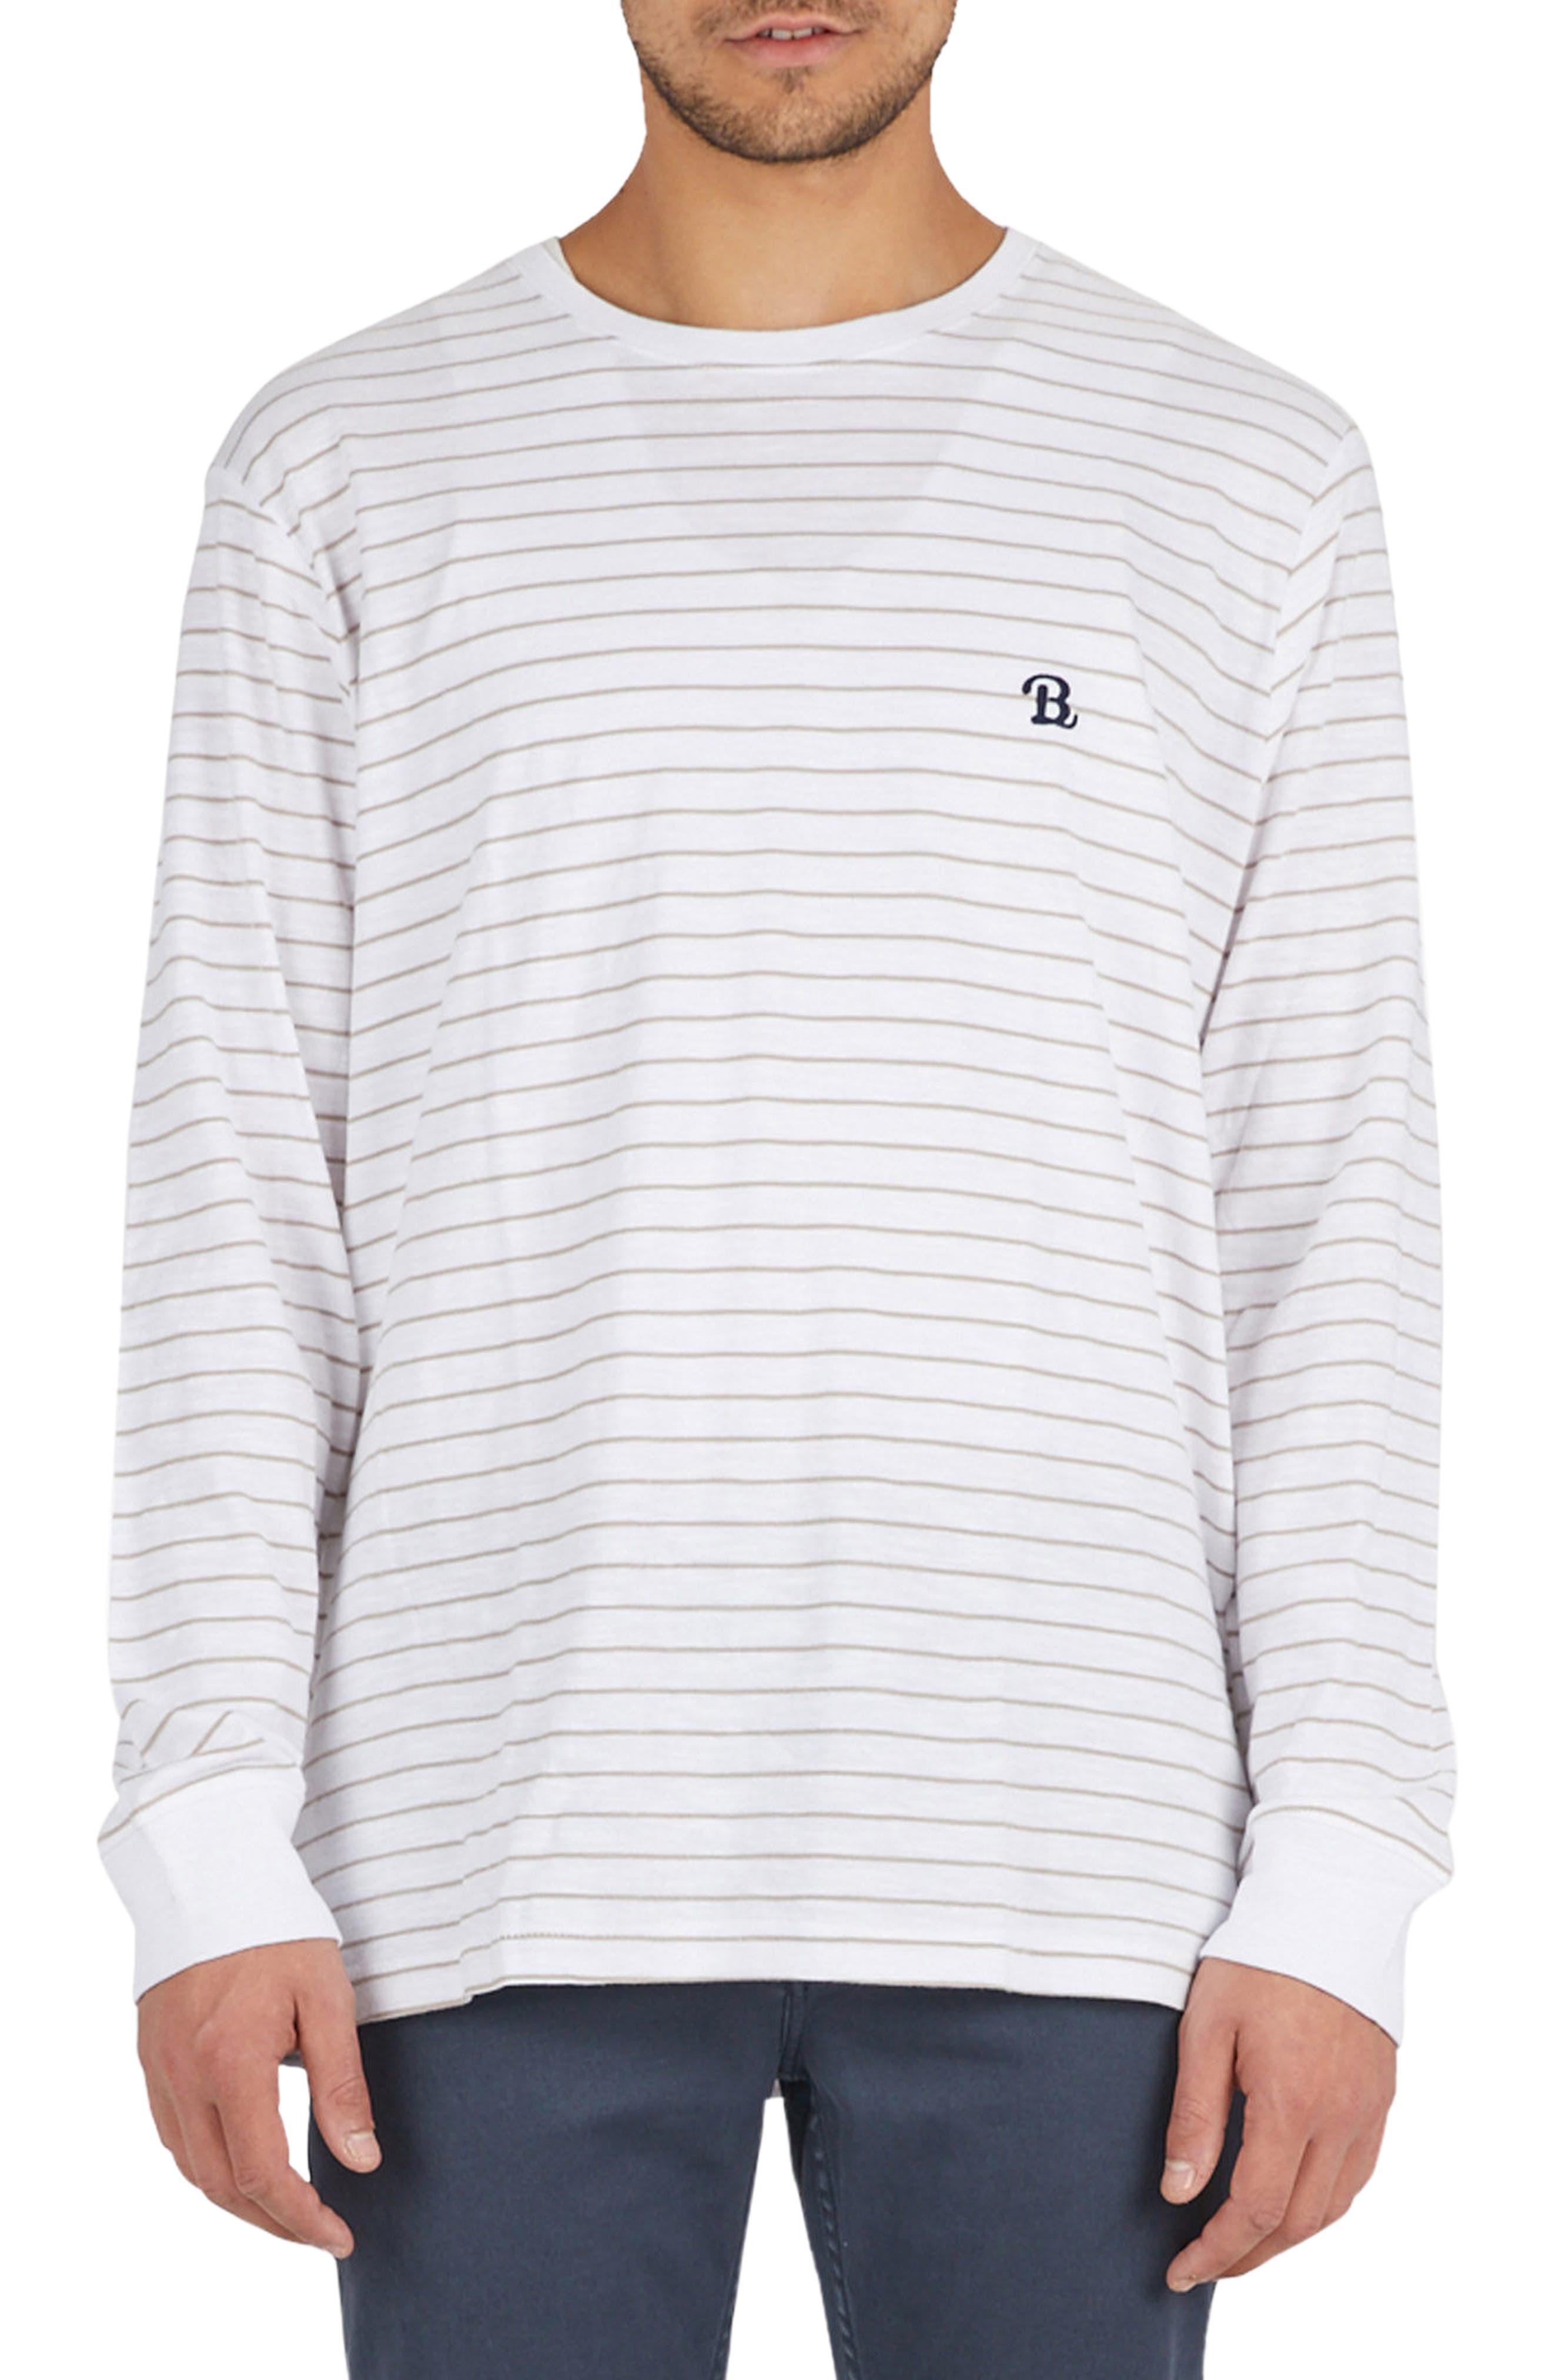 Barney Cools B. Schooled T-Shirt